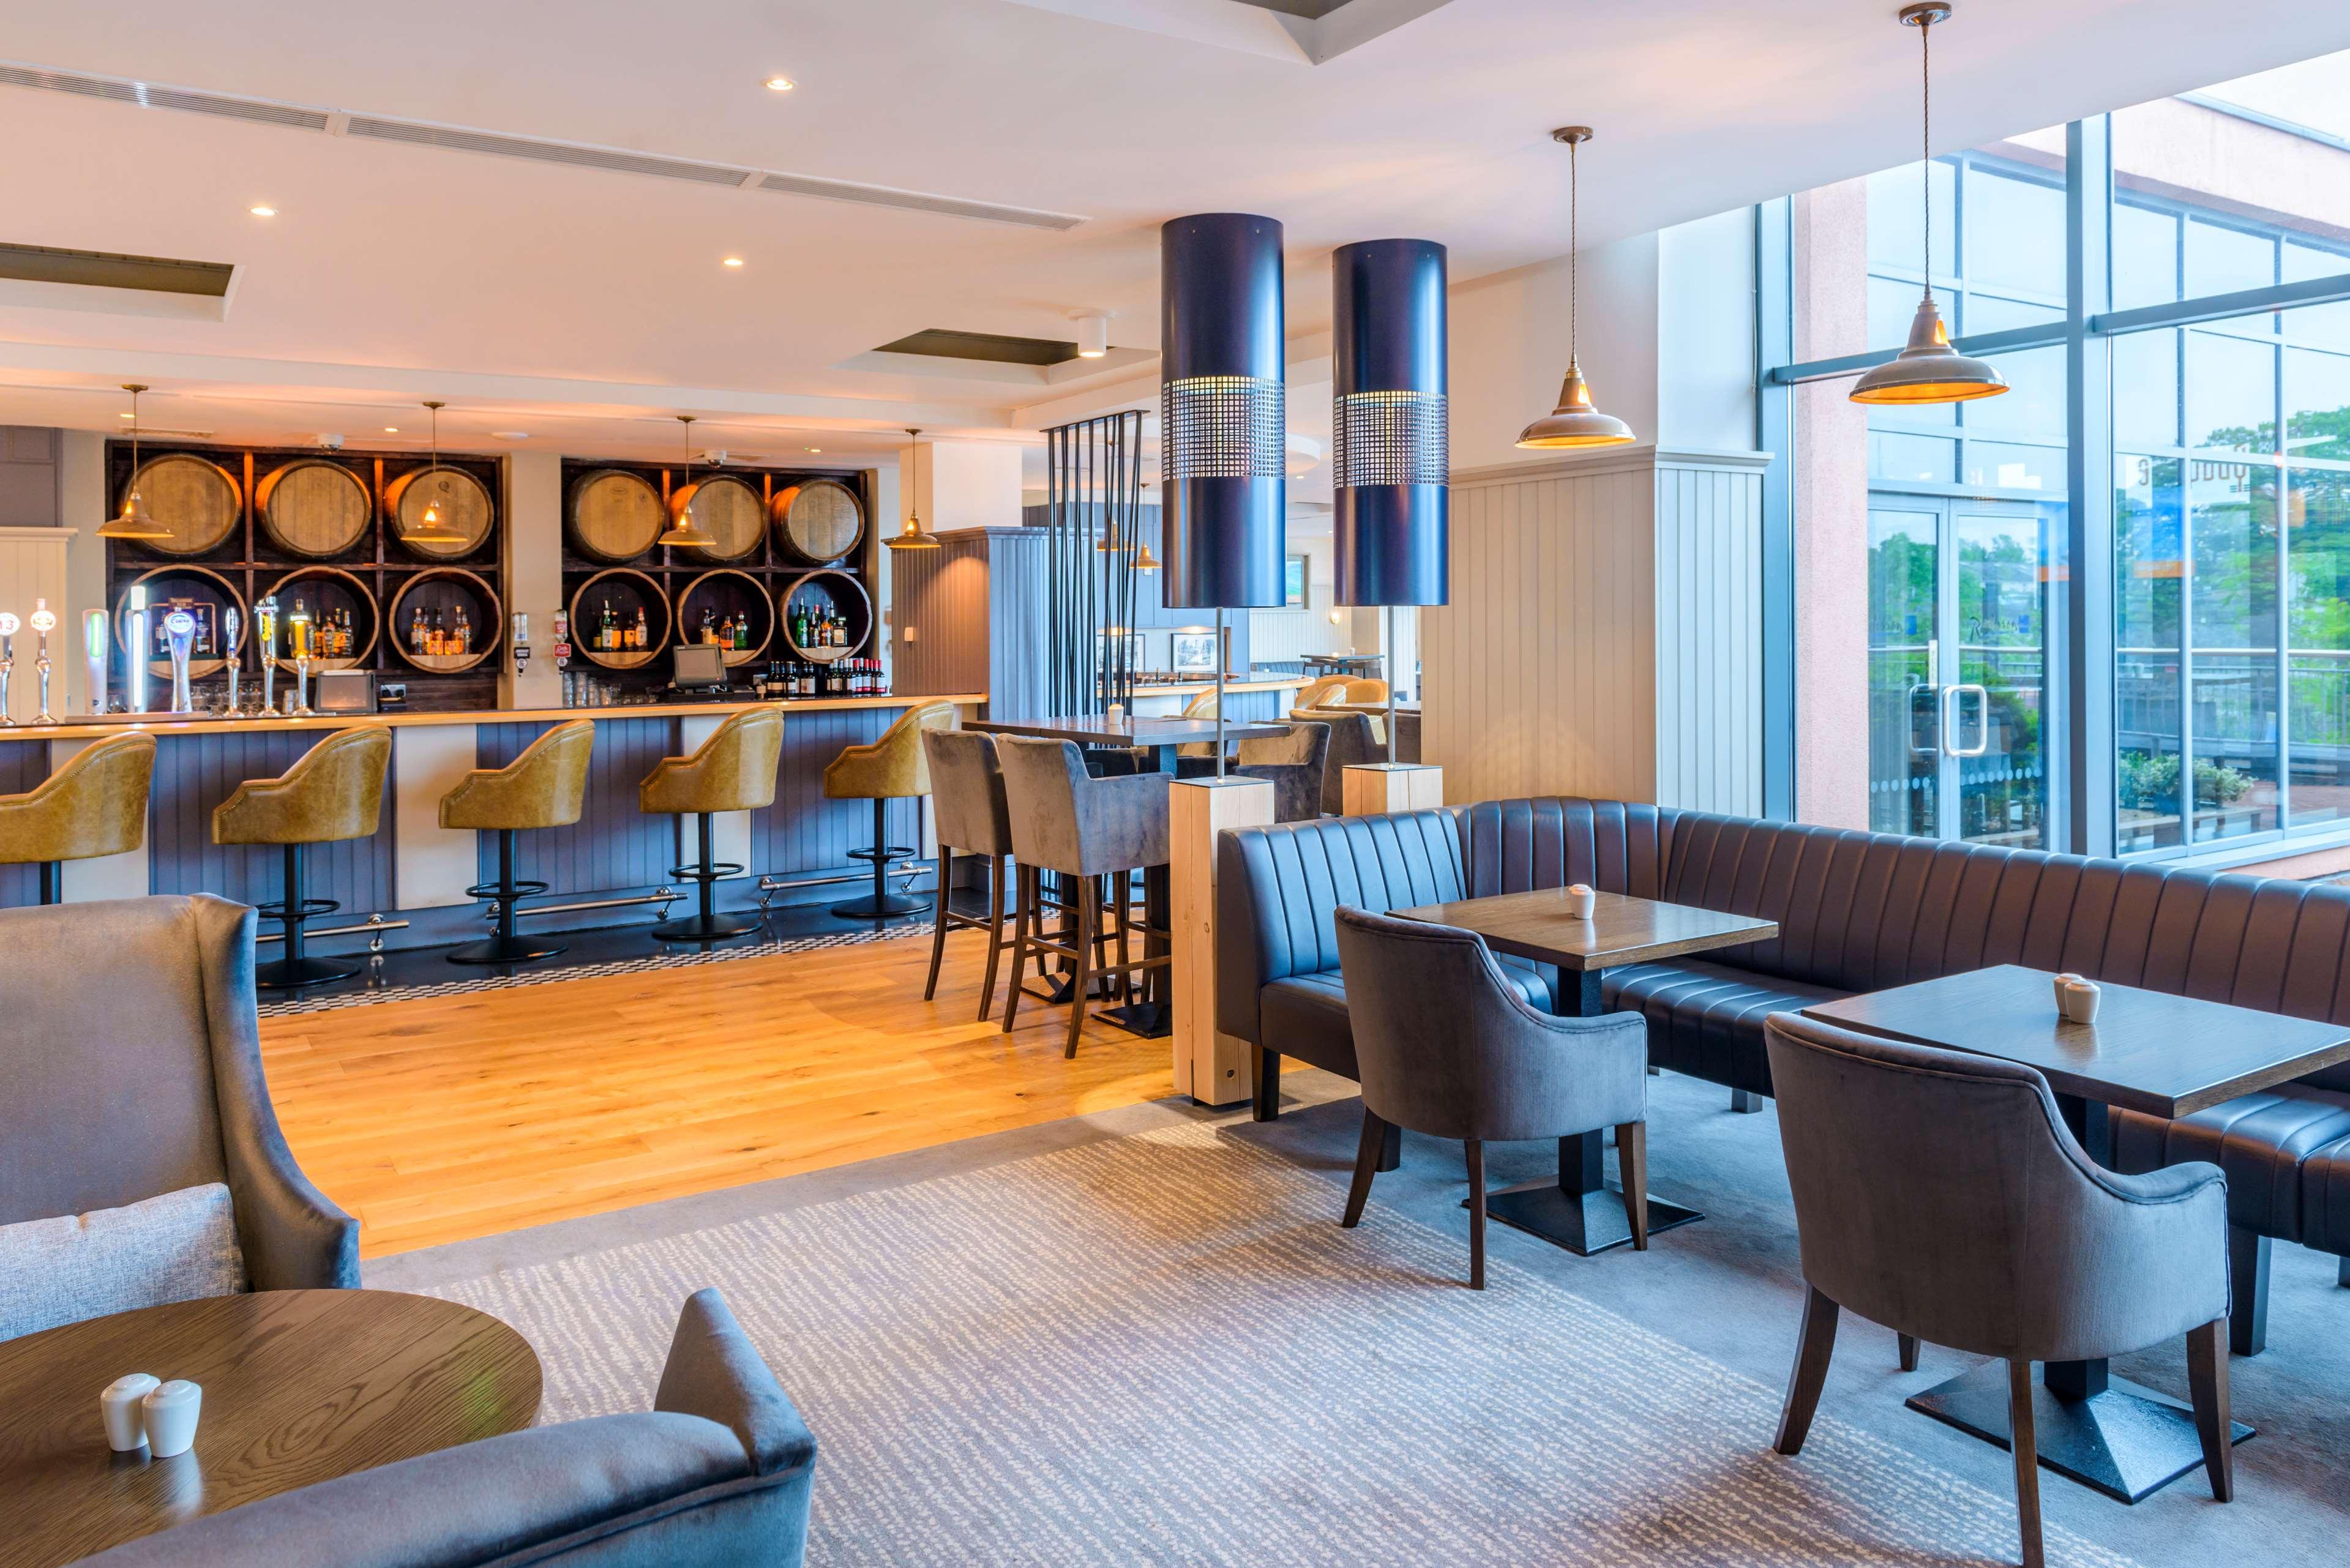 Radisson Blu Hotel, Athlone 43